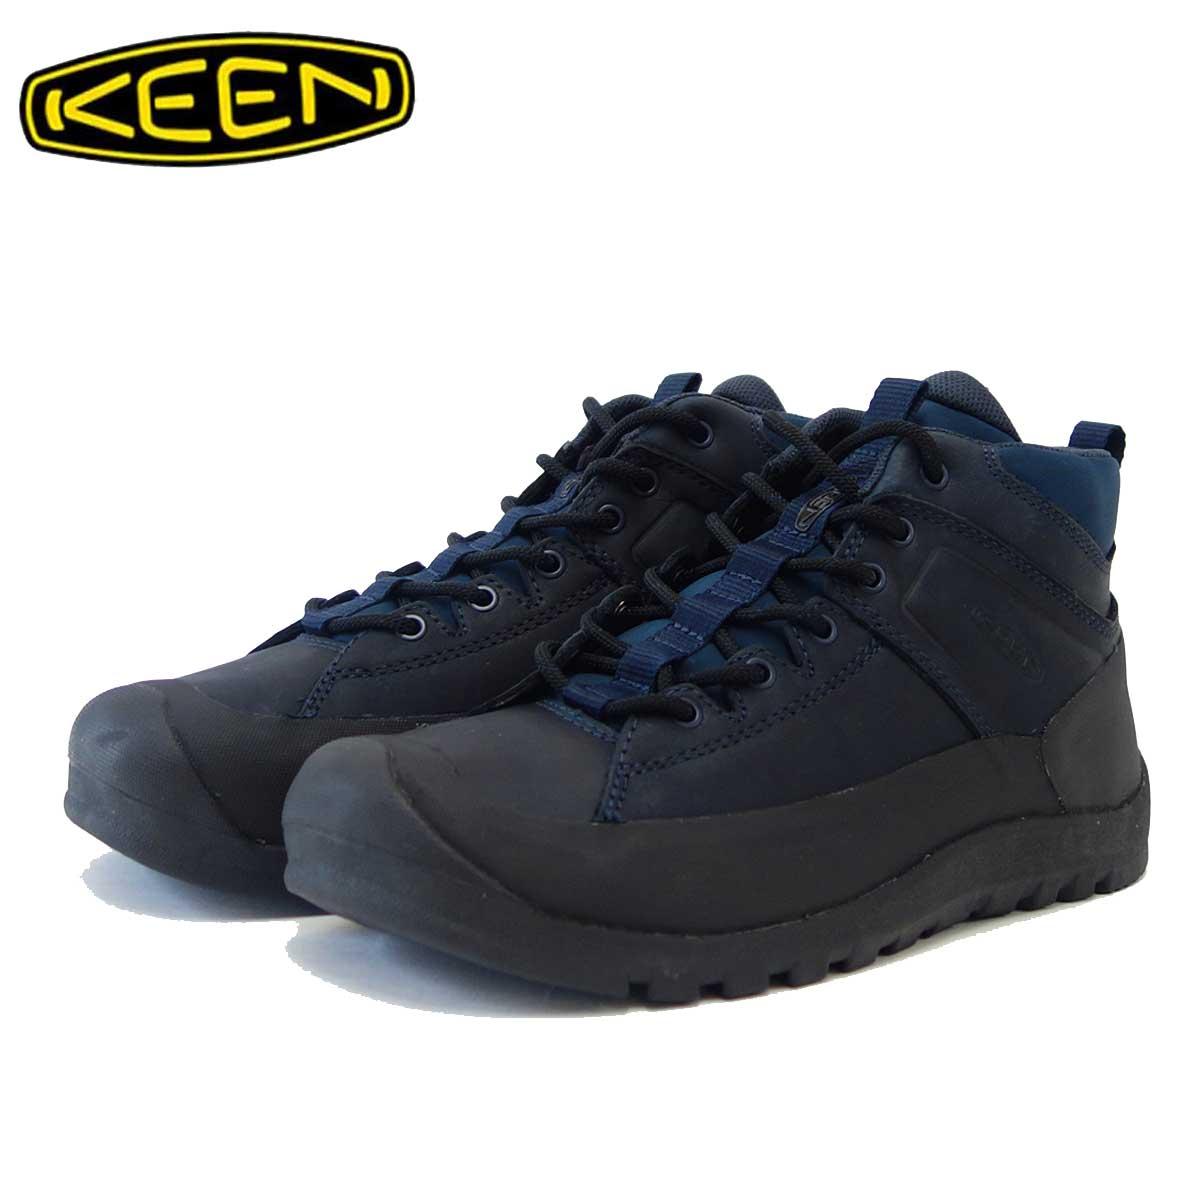 キーン KEEN シティズン キーン リミテッド ウォータープルーフ Citizen KEEN LTD WP 1015143(メンズ) カラー:Dress Blues 「靴」